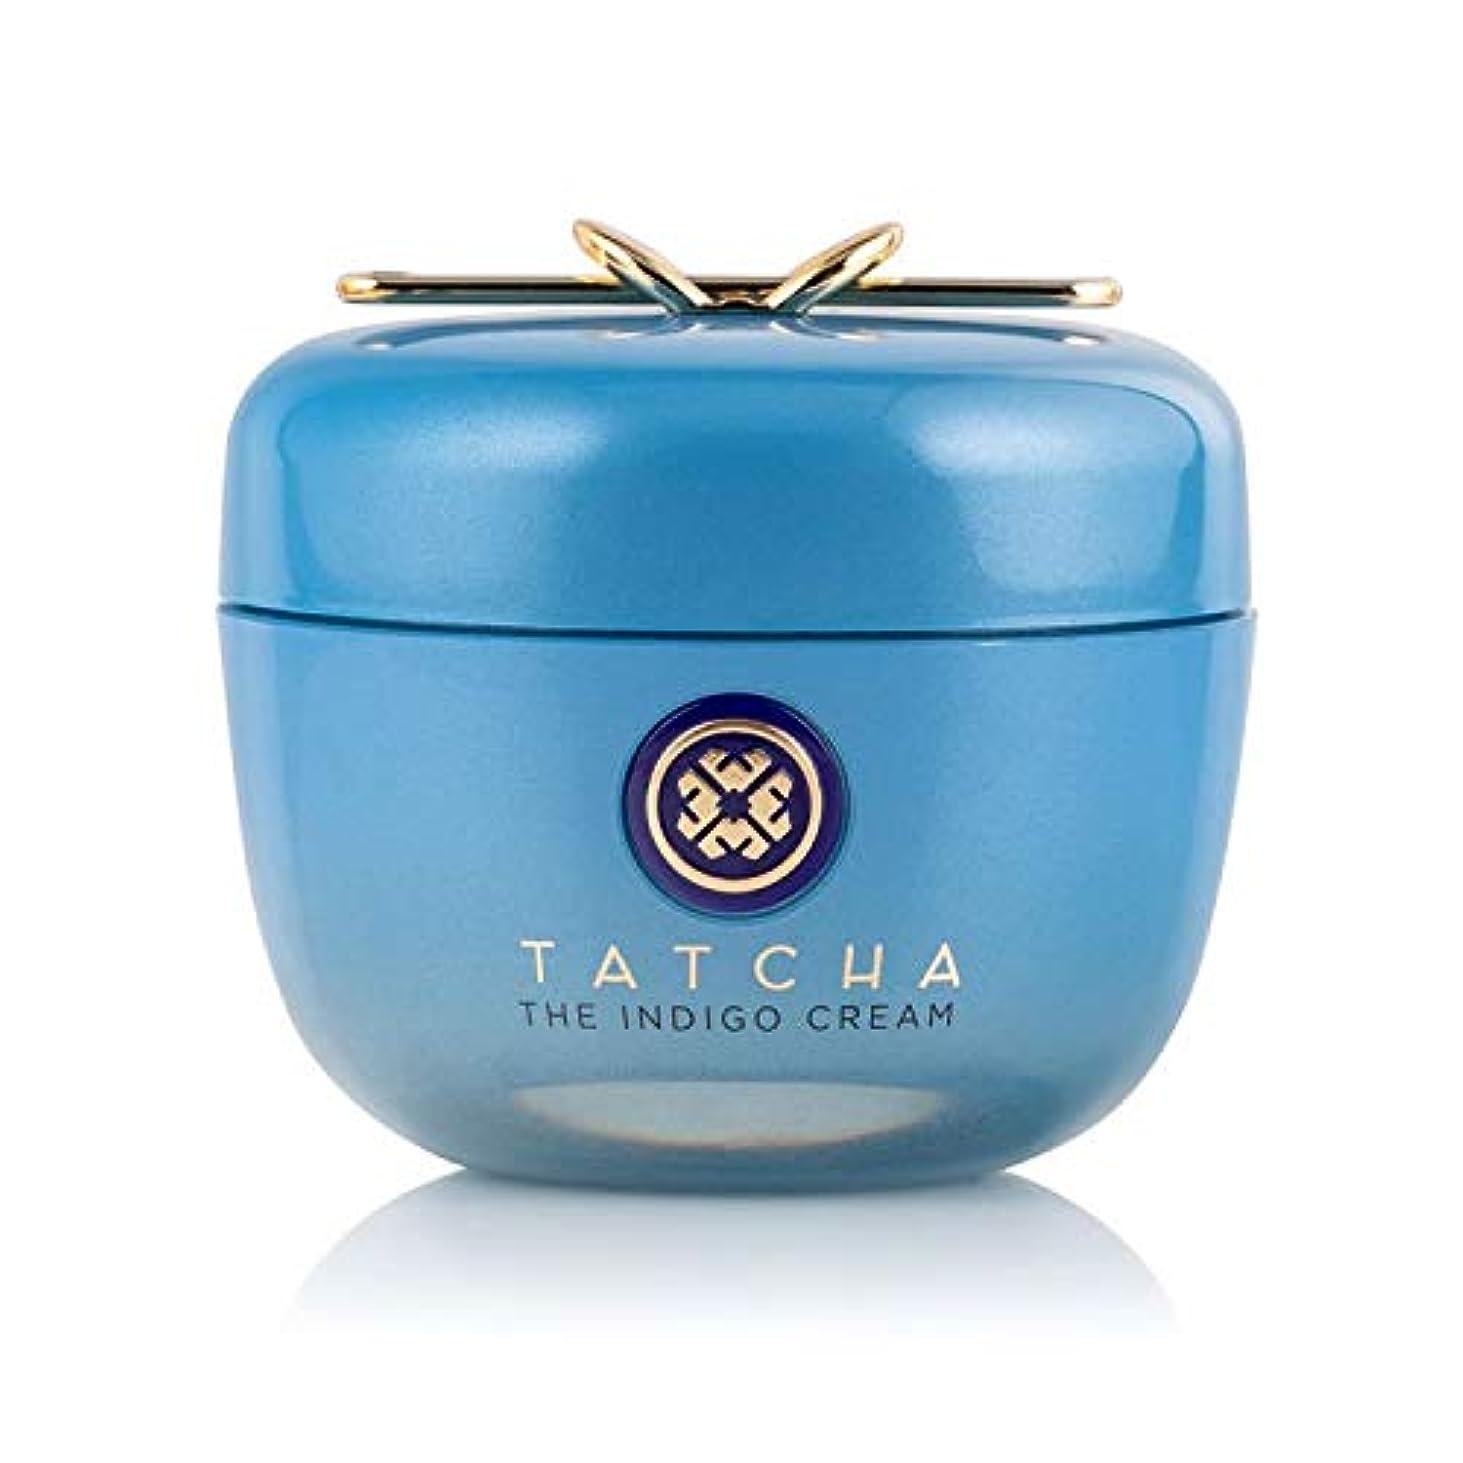 強調するエレガント重要性Tatcha The Indigo Cream Soothing Skin Protectant 1.7 oz/ 50 mL タチャインディゴ クリーム